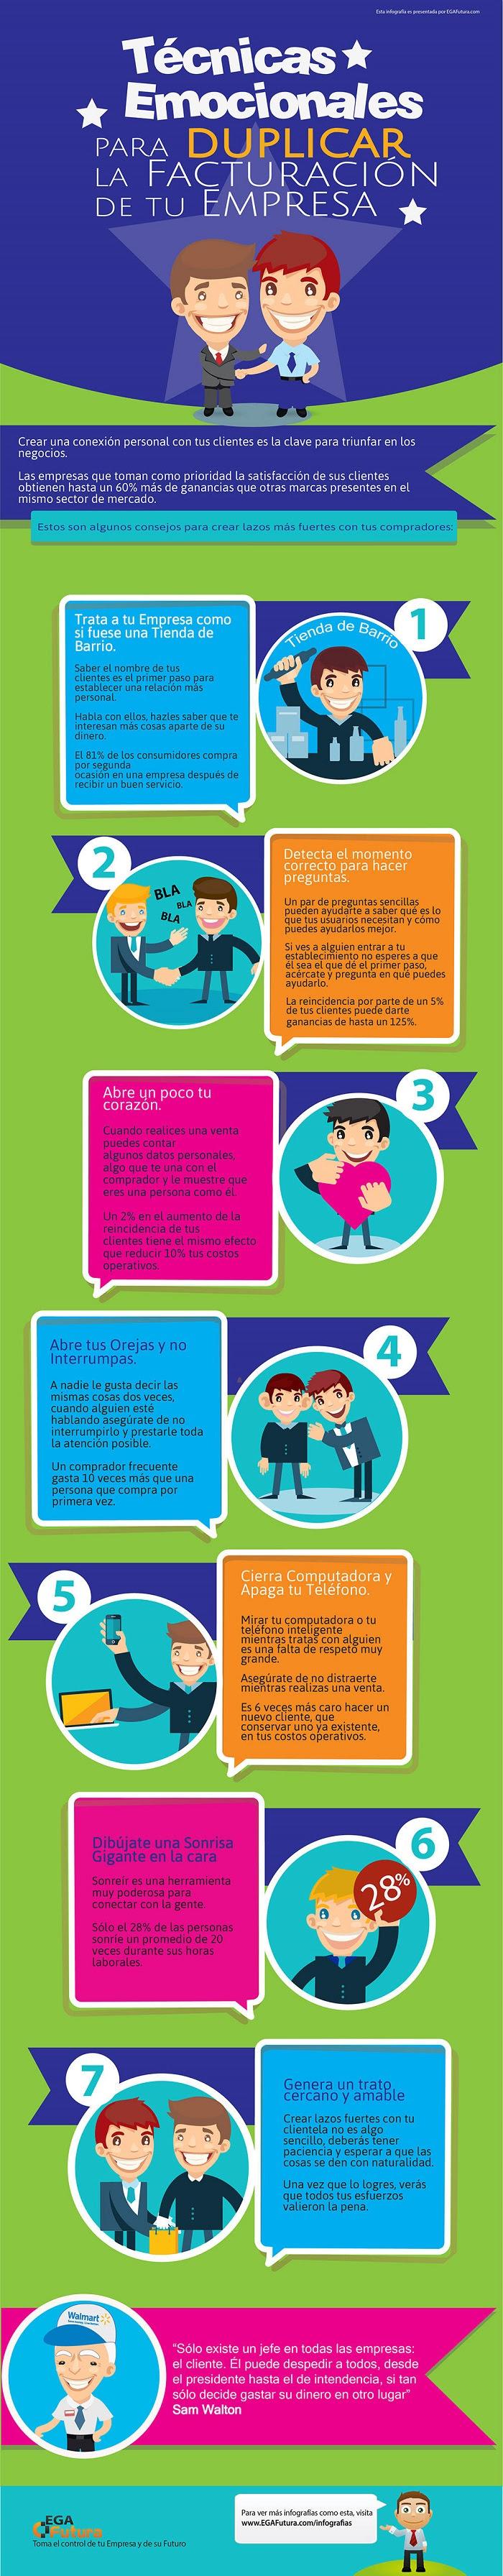 Infografía sobre clientes